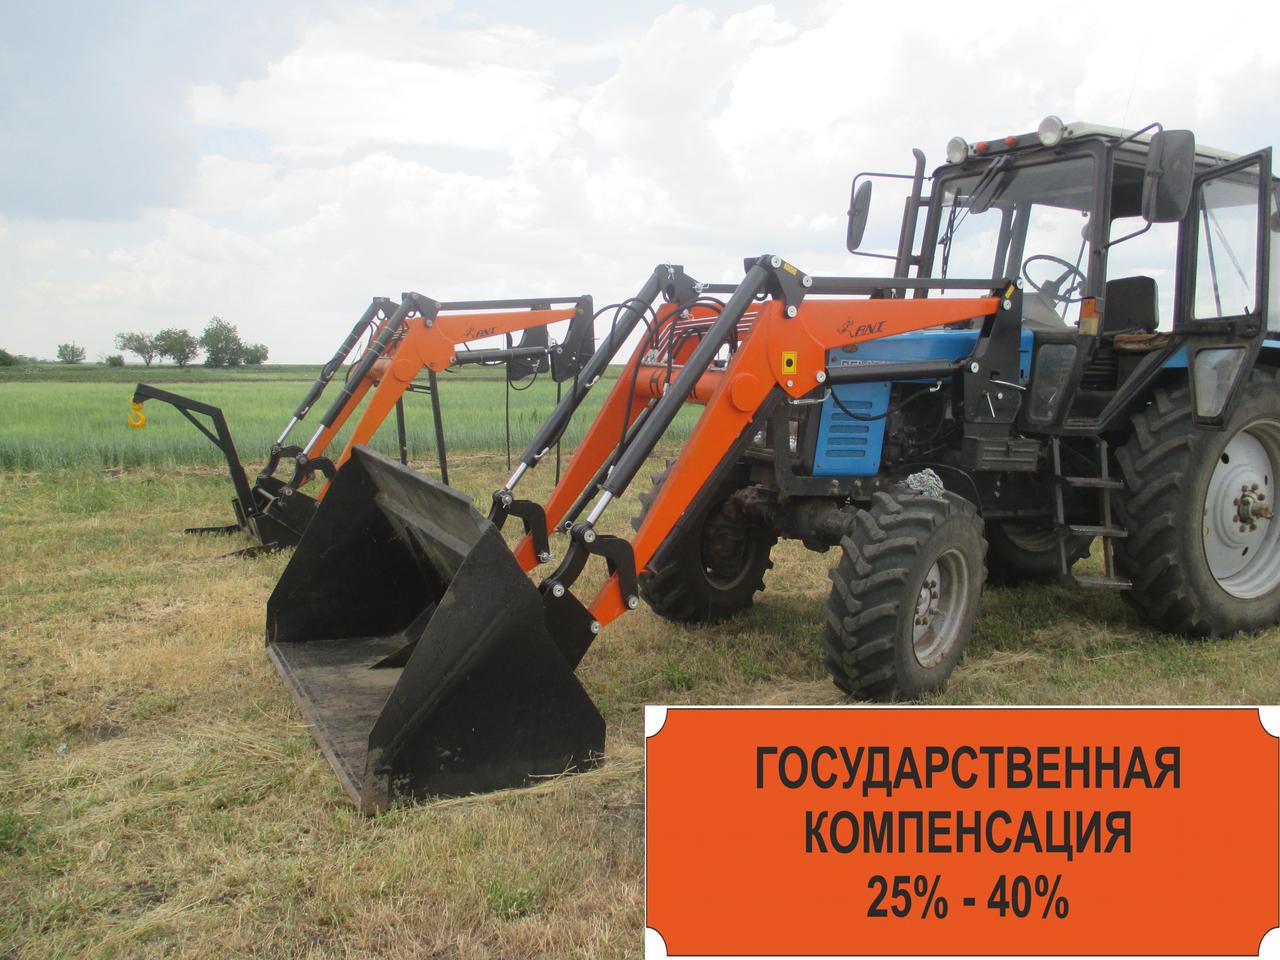 Погрузчик Фронтальный Быстросъёмный НТ-1200 с 1,3 ковшом на МТЗ и ЮМЗ Самовывоз